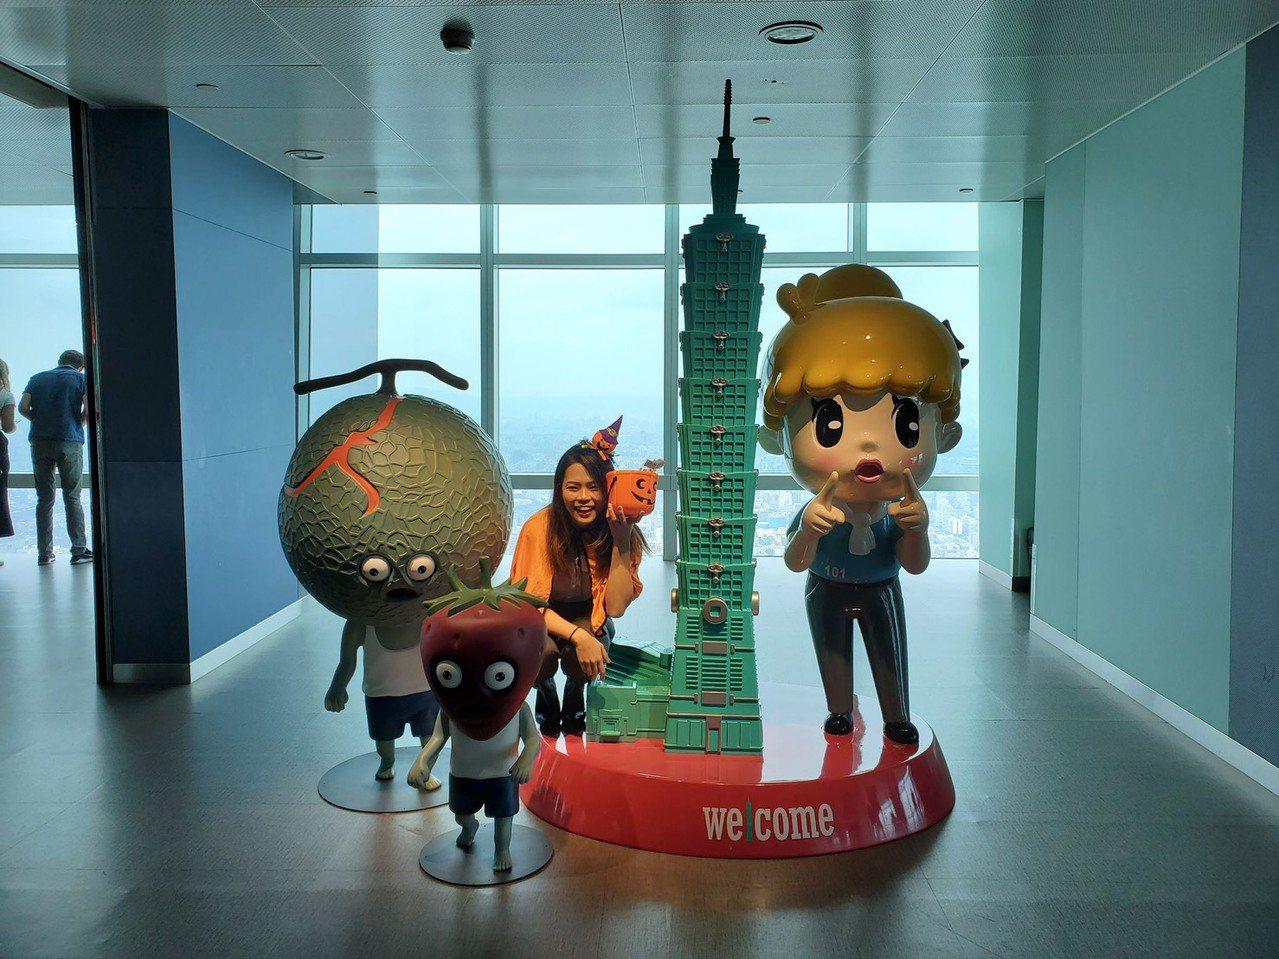 台北101觀景台萬聖節主題活動,即日起至10月底與日本扭蛋玩具品牌「熊貓之穴」攜...